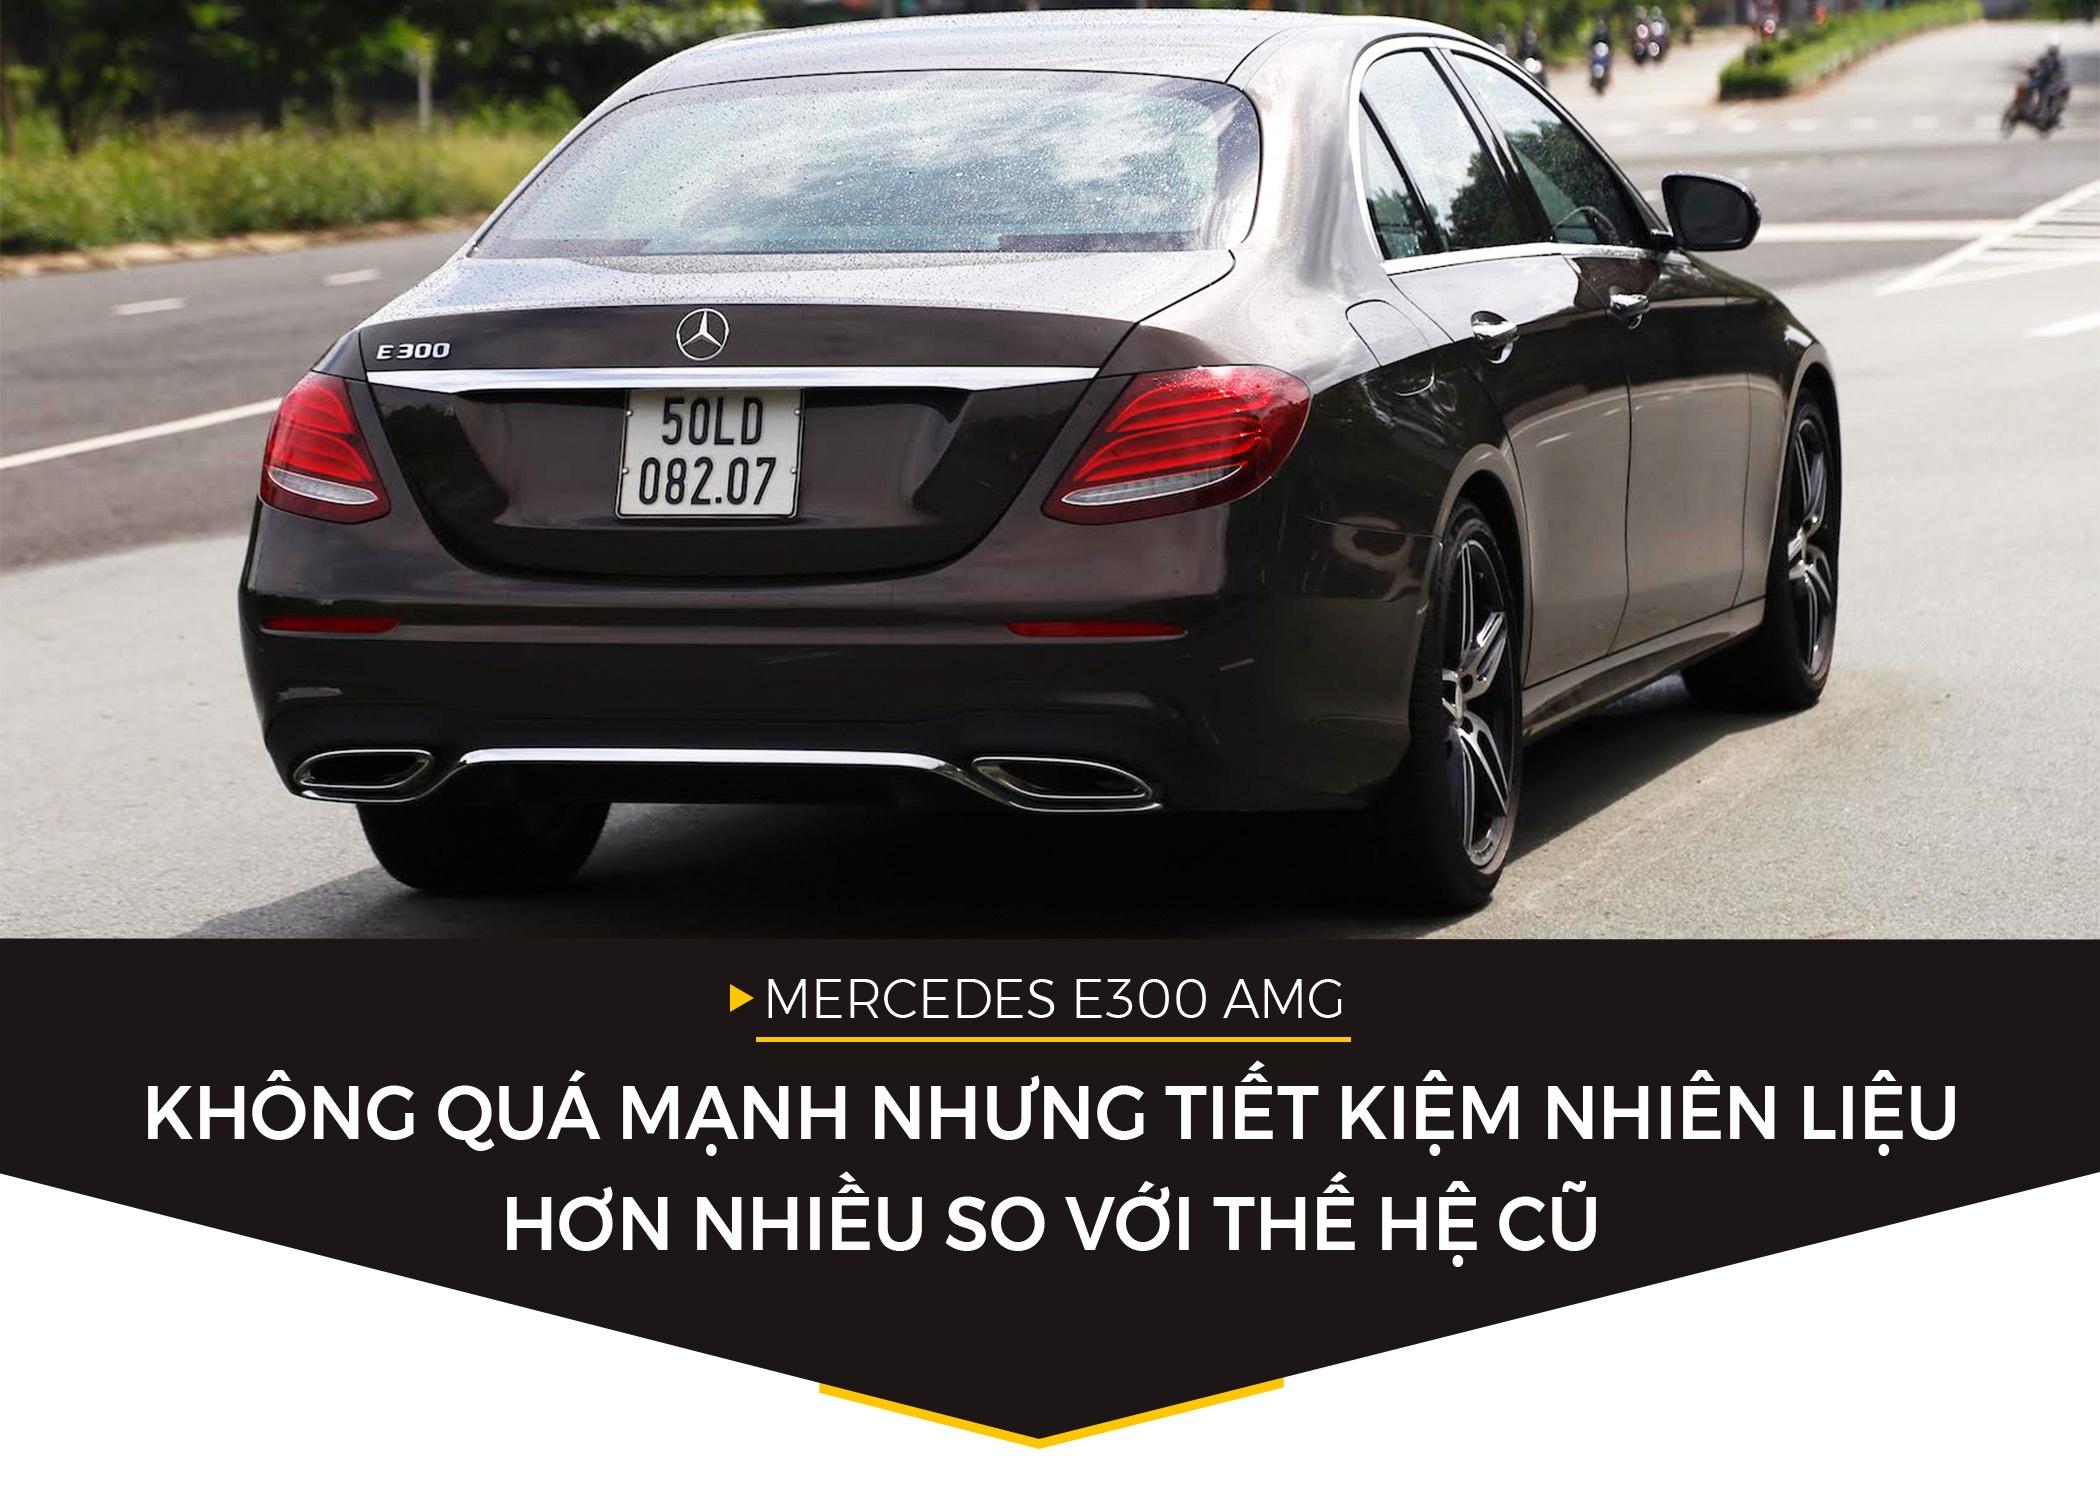 Mercedes E300 AMG - sedan hang sang gia 3 ty dong tai Viet Nam hinh anh 5